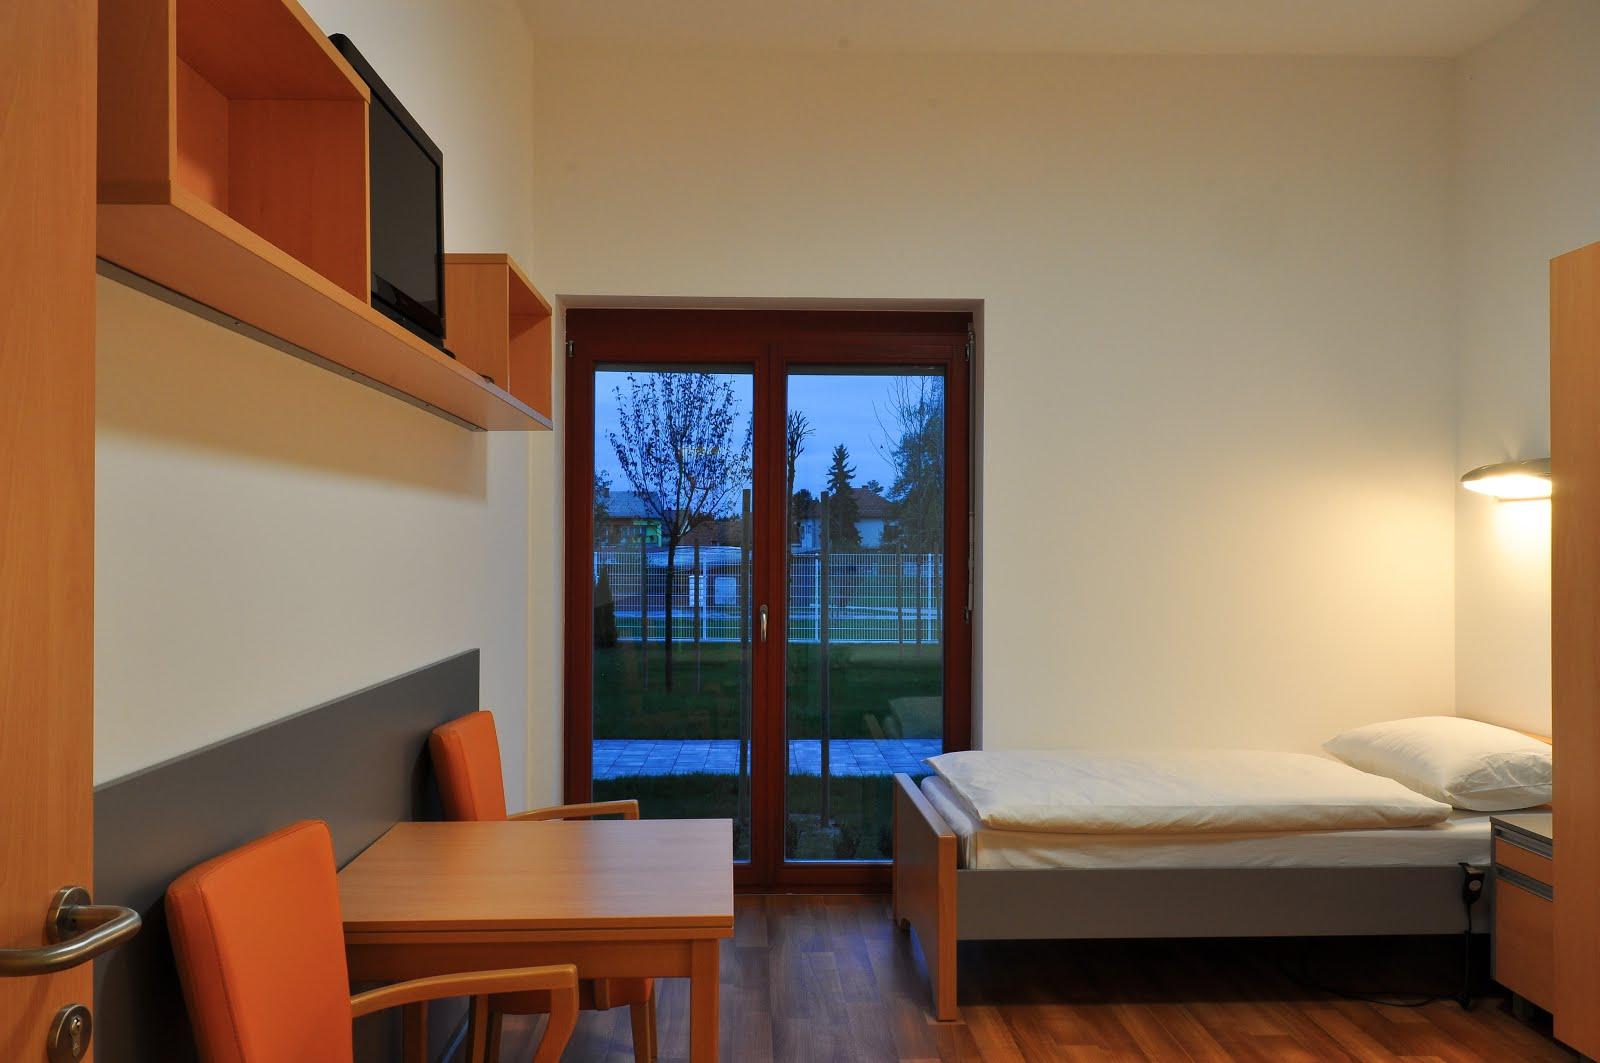 Dvokrevetna soba s balkonom